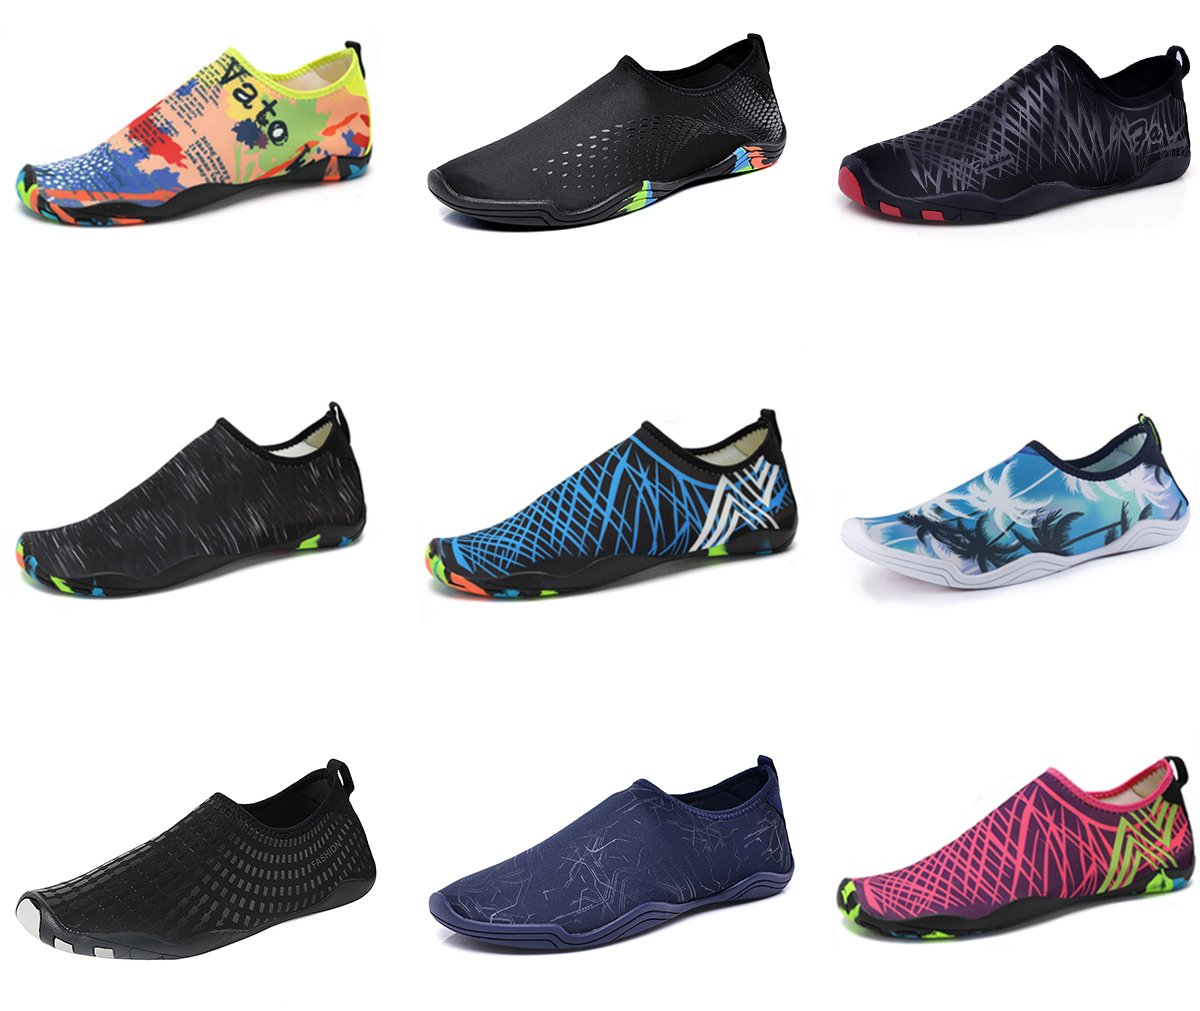 Water Shoes Mens Womens Beach Swim Shoes Quick-Dry Aqua Socks Pool Shoes for Surf Yoga Water Aerobics (Purple, 38 )